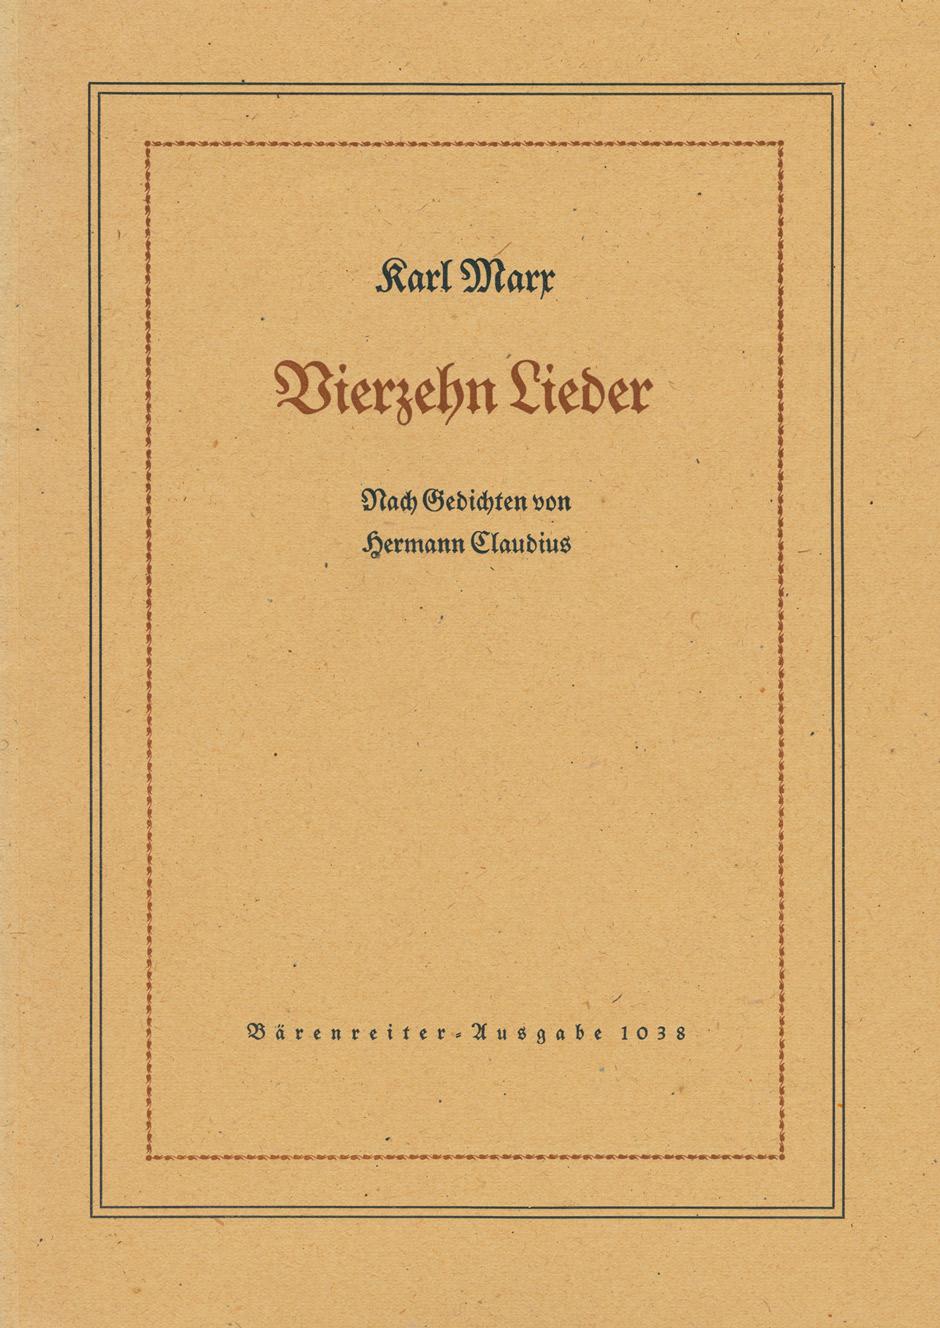 14 Lieder auf Texte von Hermann Claudius Op.26